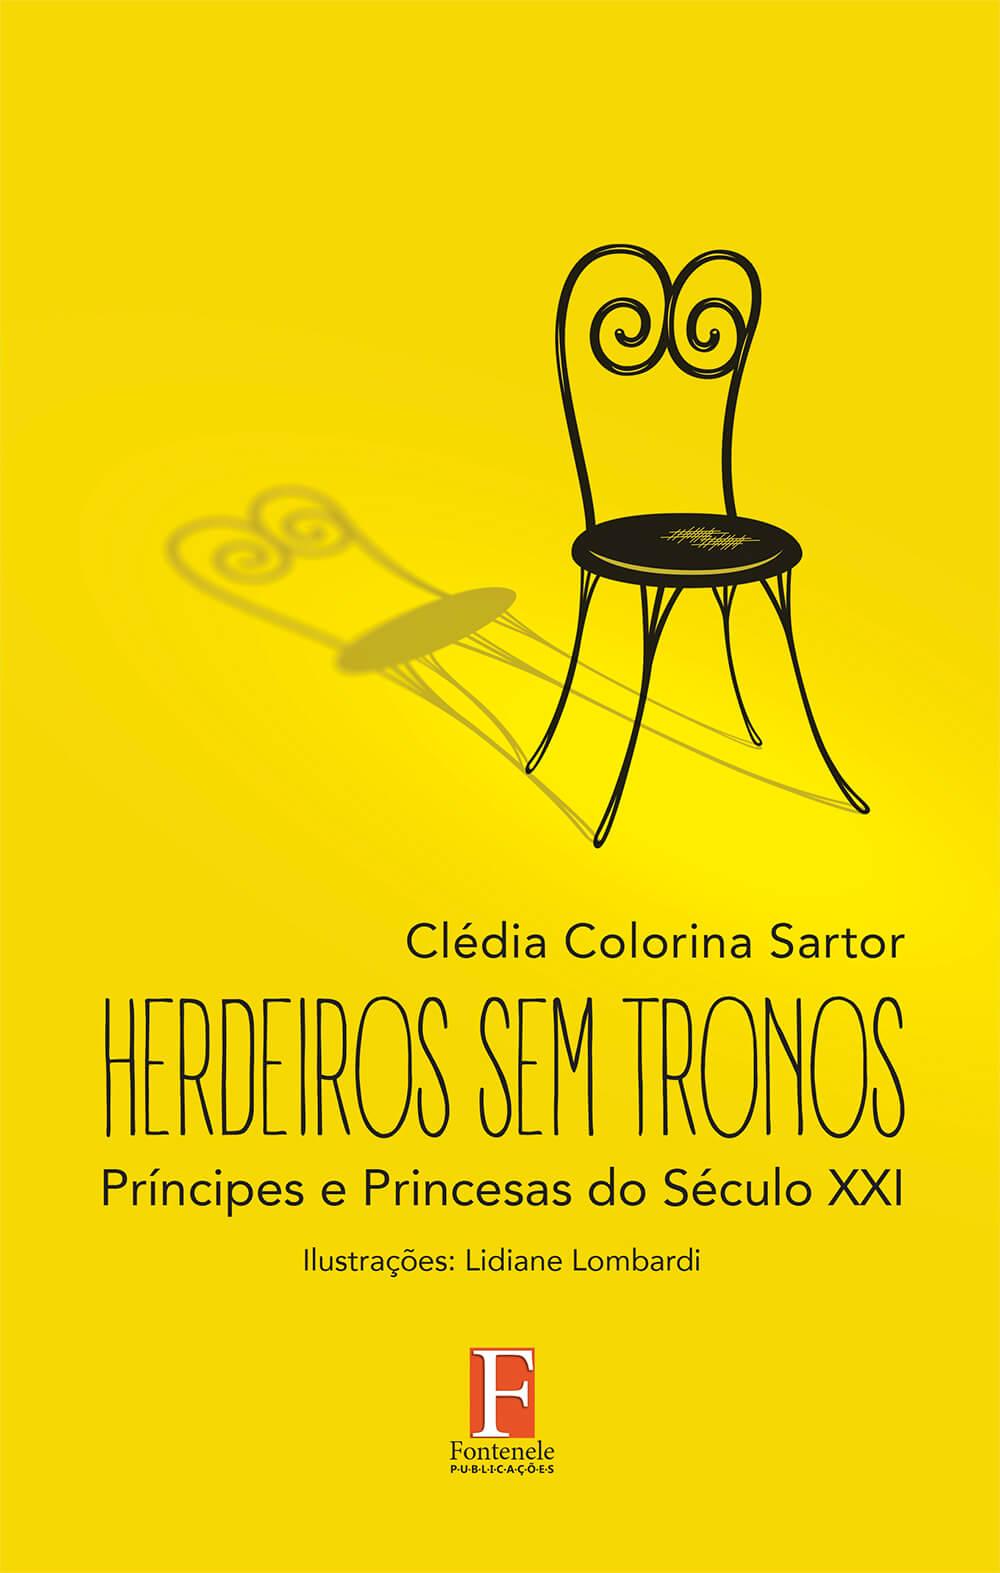 Fontenele Publicações / 11 95150-3481 / 11  95150-4383 HERDEIROS SEM TRONOS: Príncipes e Princesas do Século XXI